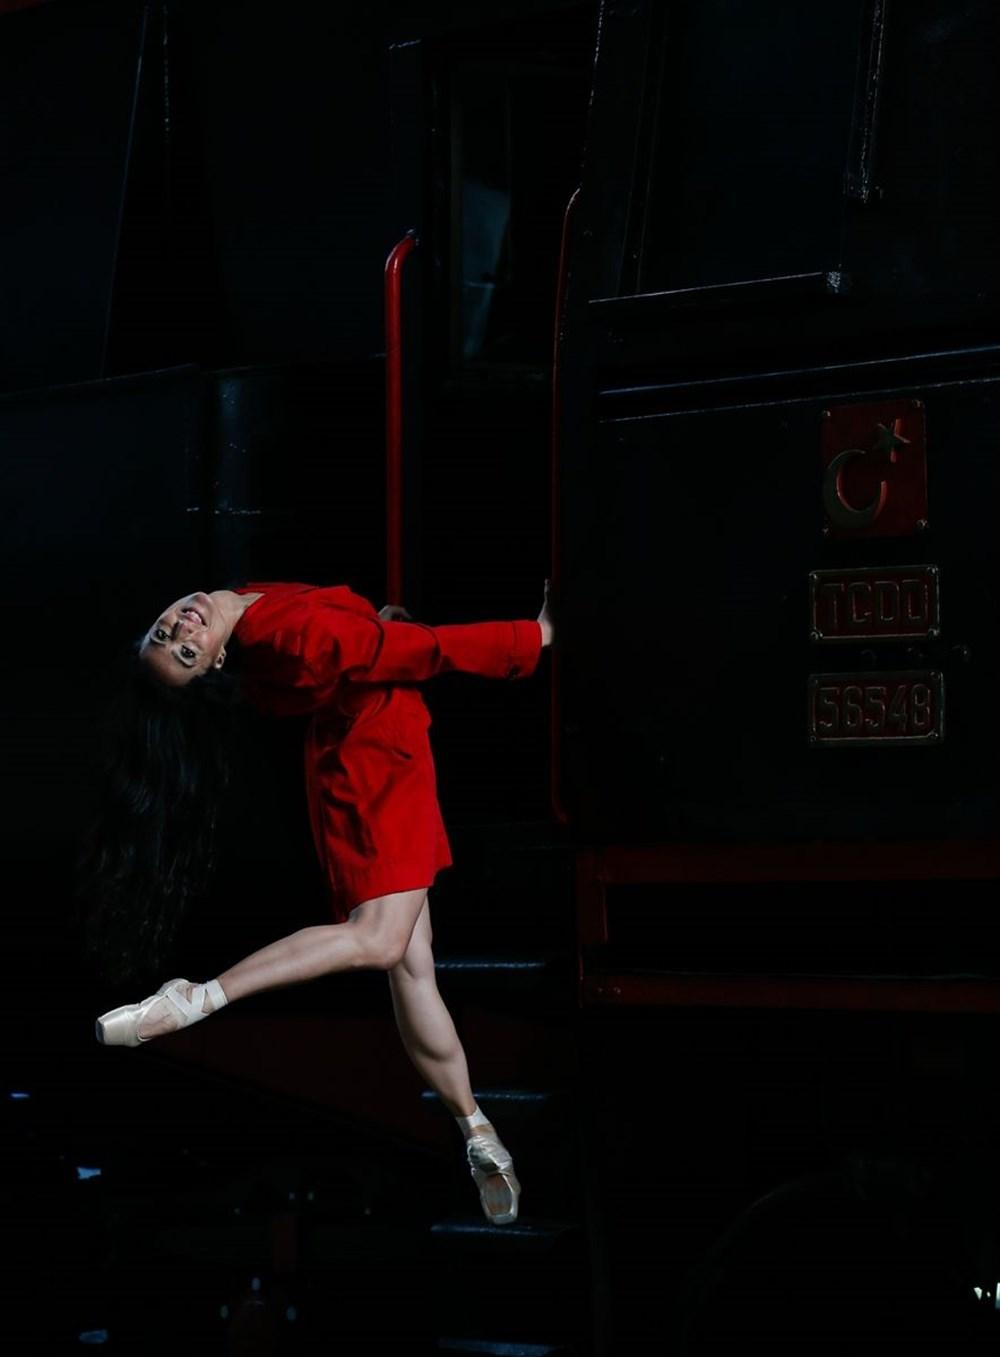 İzmir'de dansçılar meydanları sahneye dönüştürdü - 9